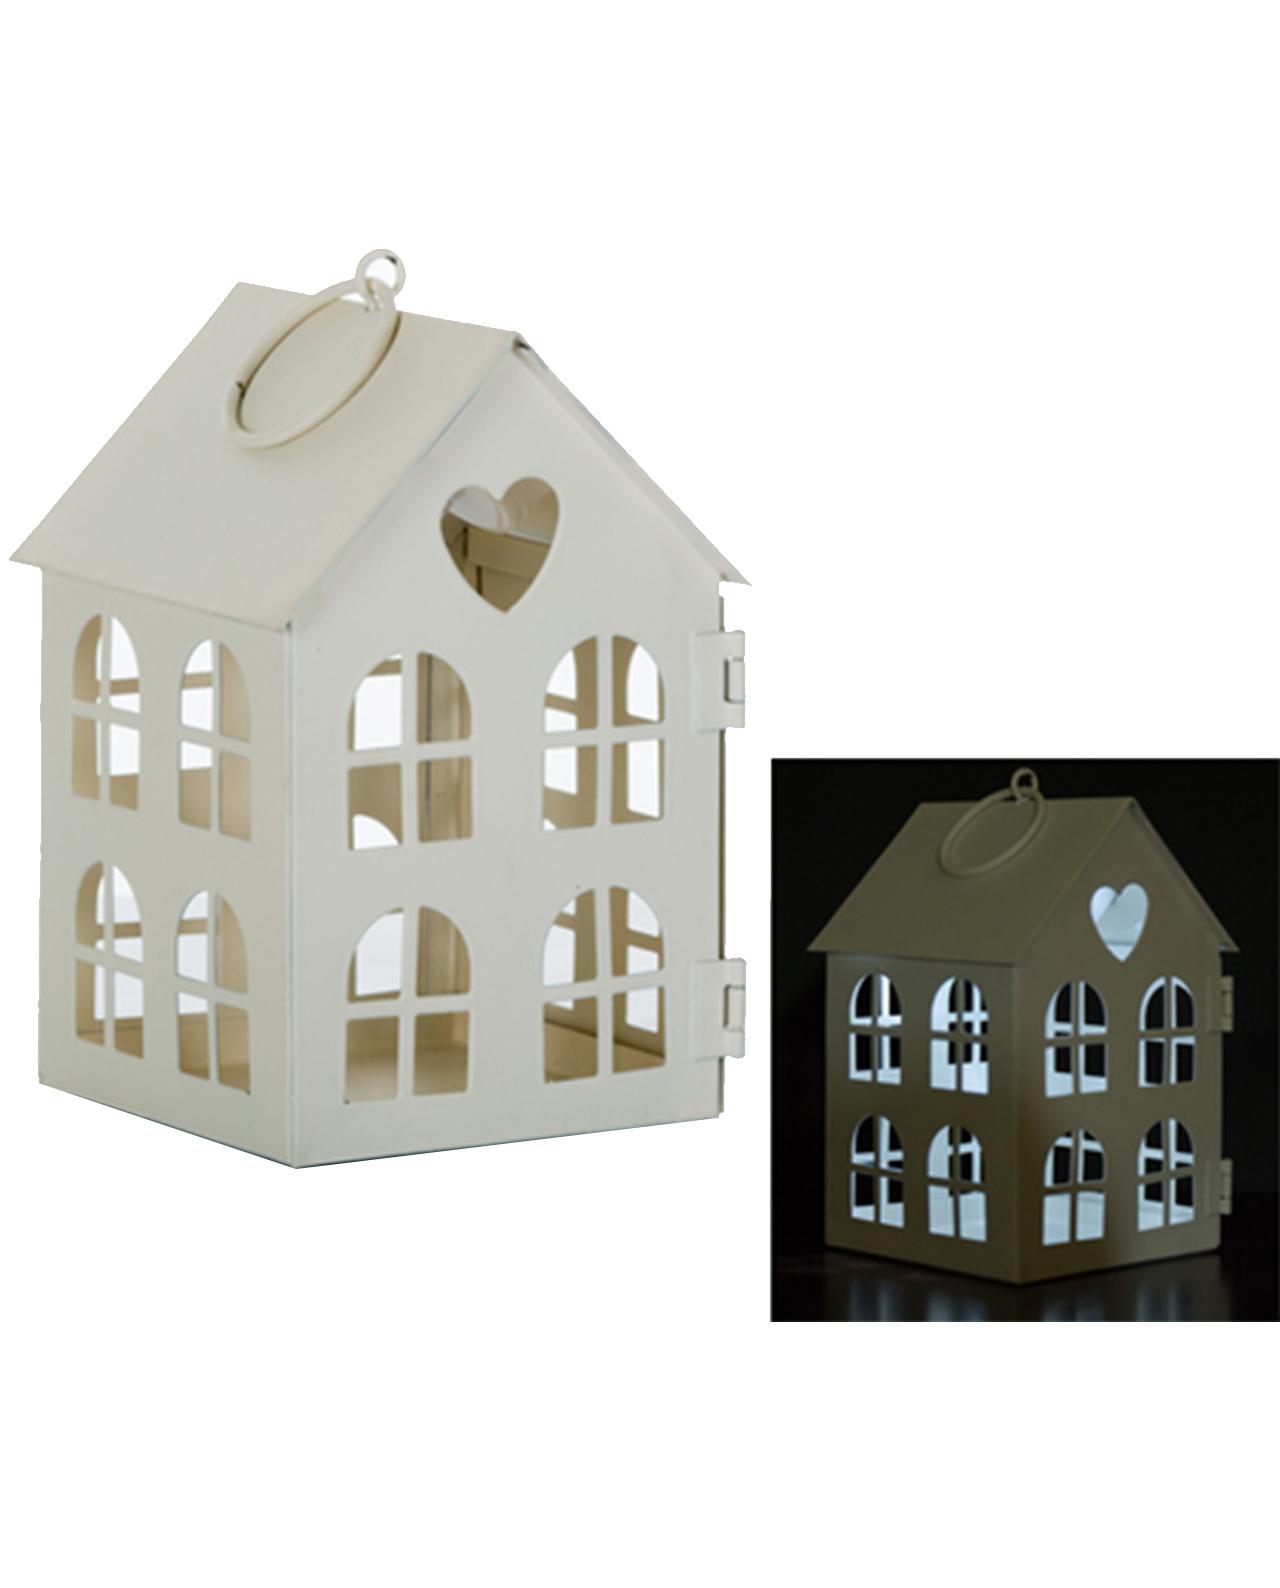 Lanterna casetta in metallo con luce led mobilia store for Luce a led per casa